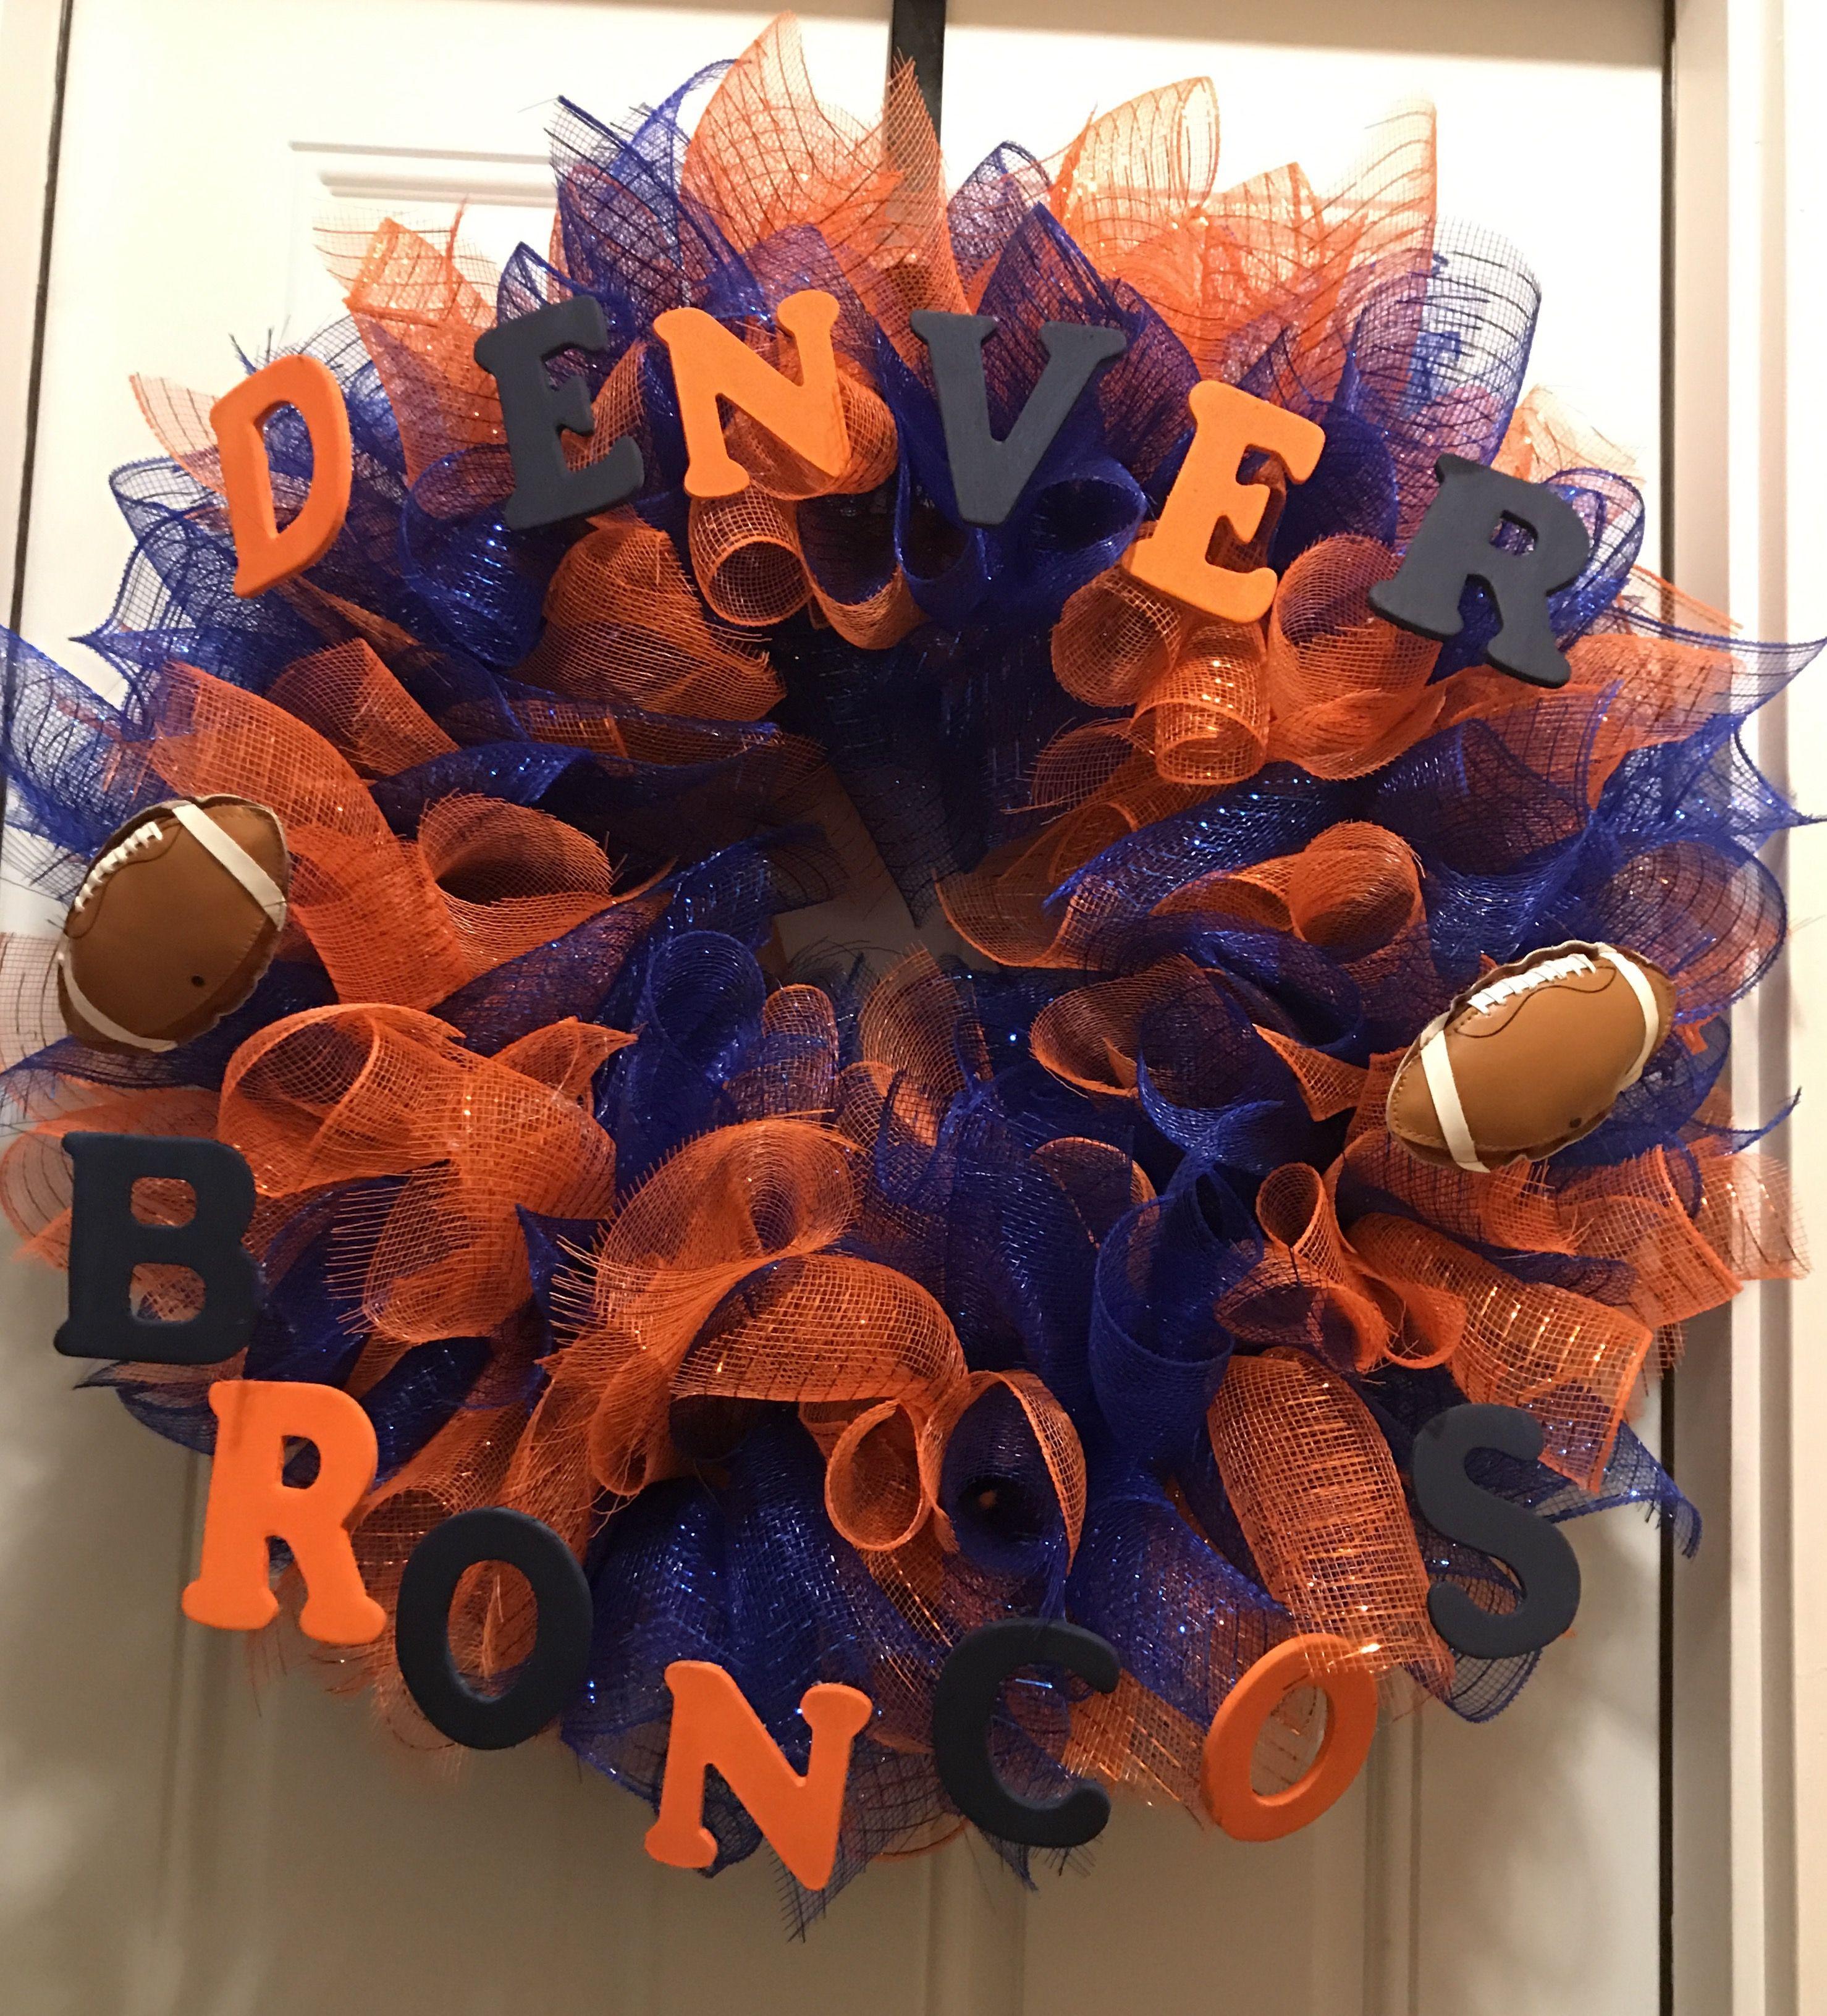 Denver Broncos wreath made by me